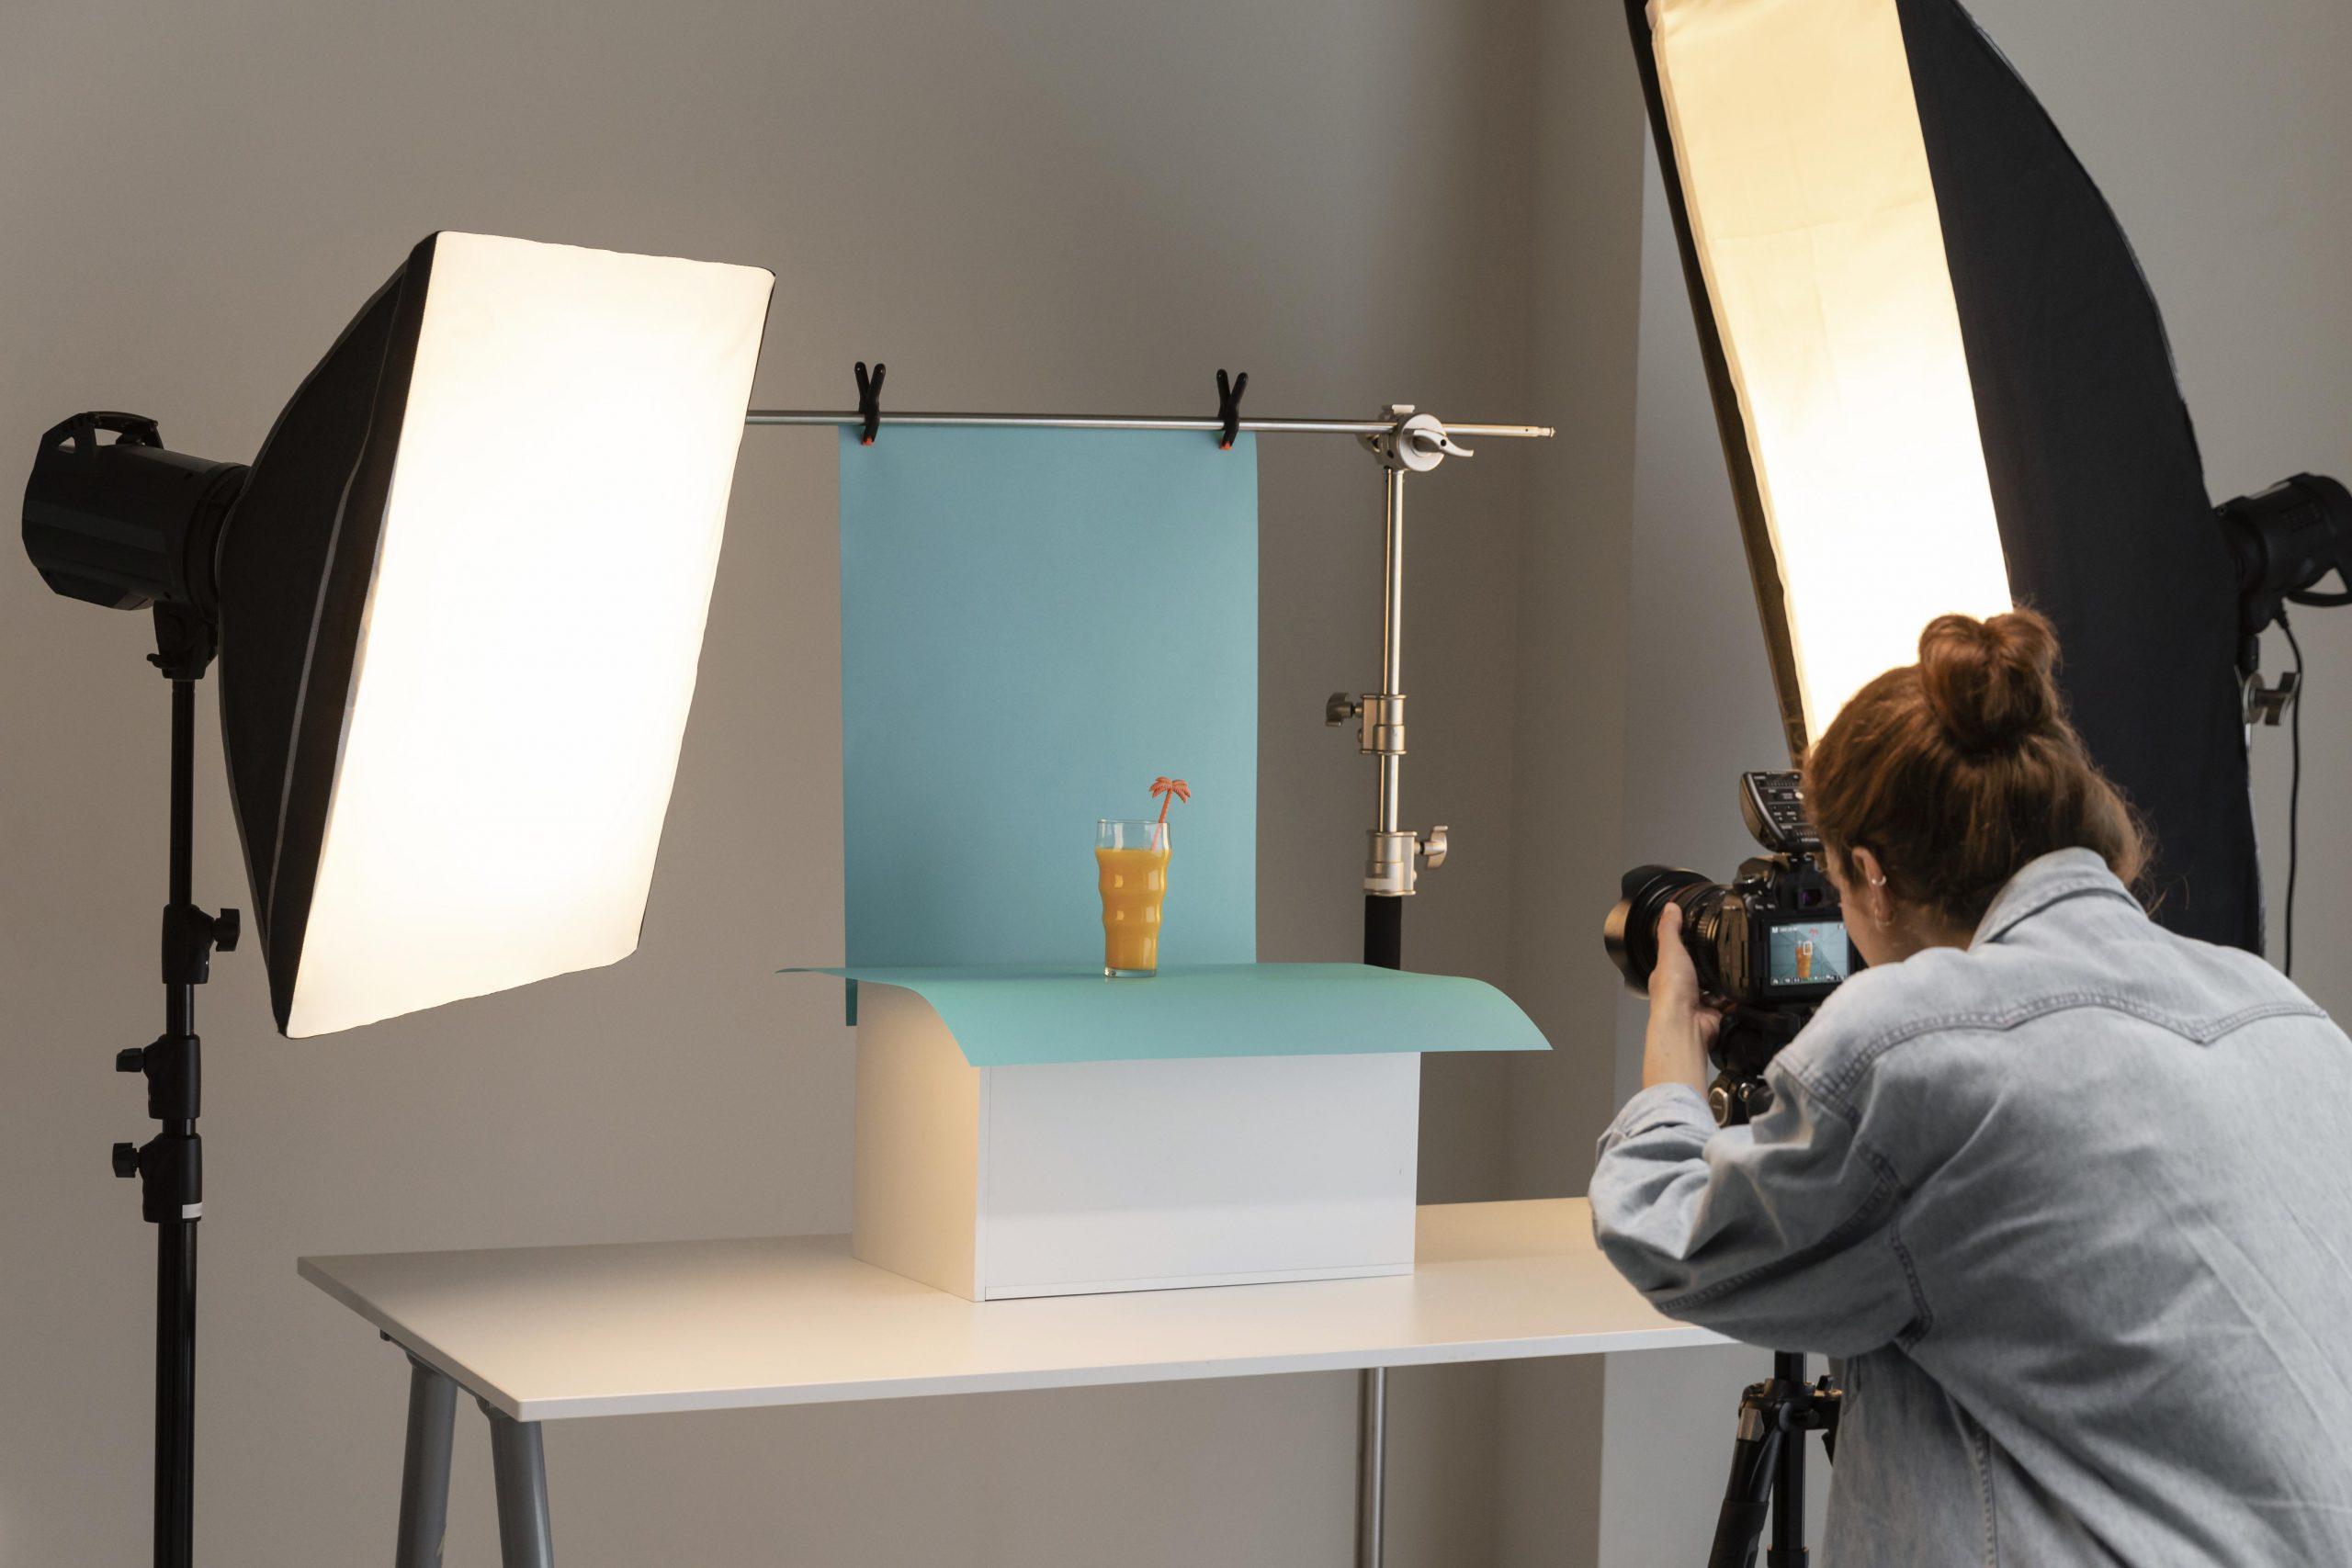 Product photoshoot using LED lights